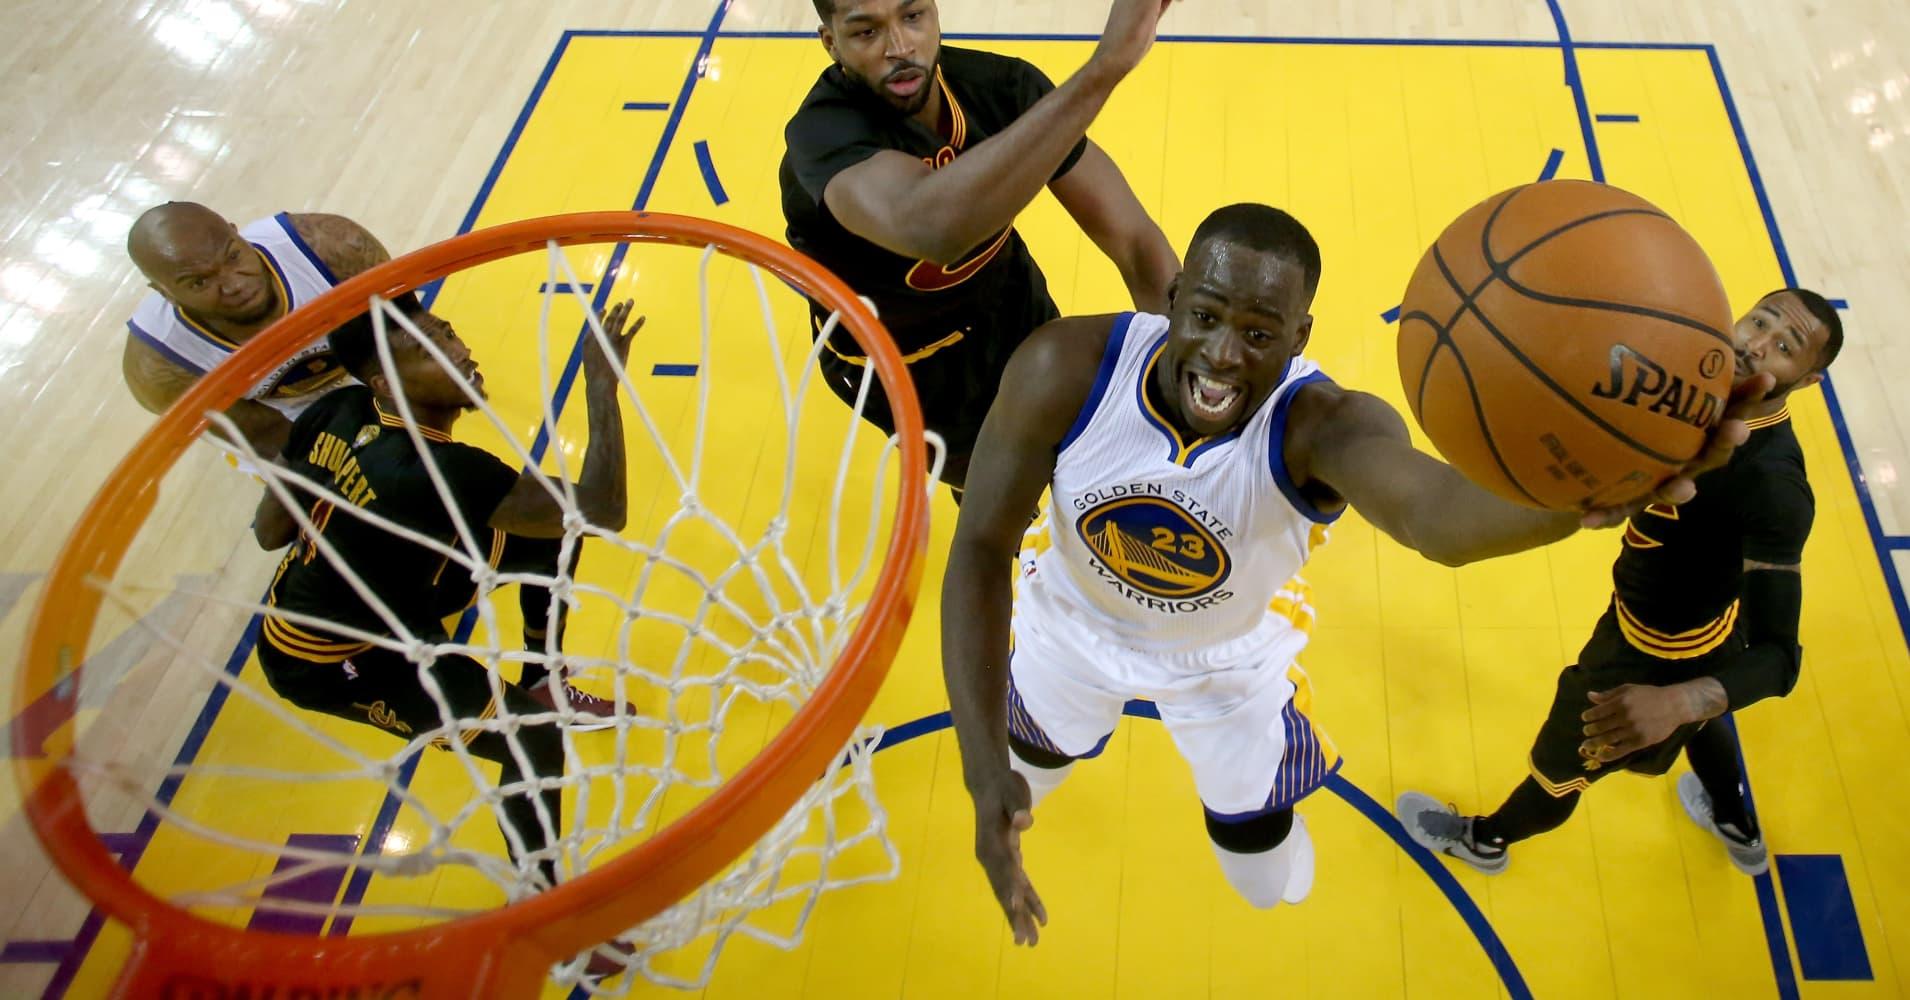 NBA star Draymond Green's biggest financial regret: A $21,000 night at a club